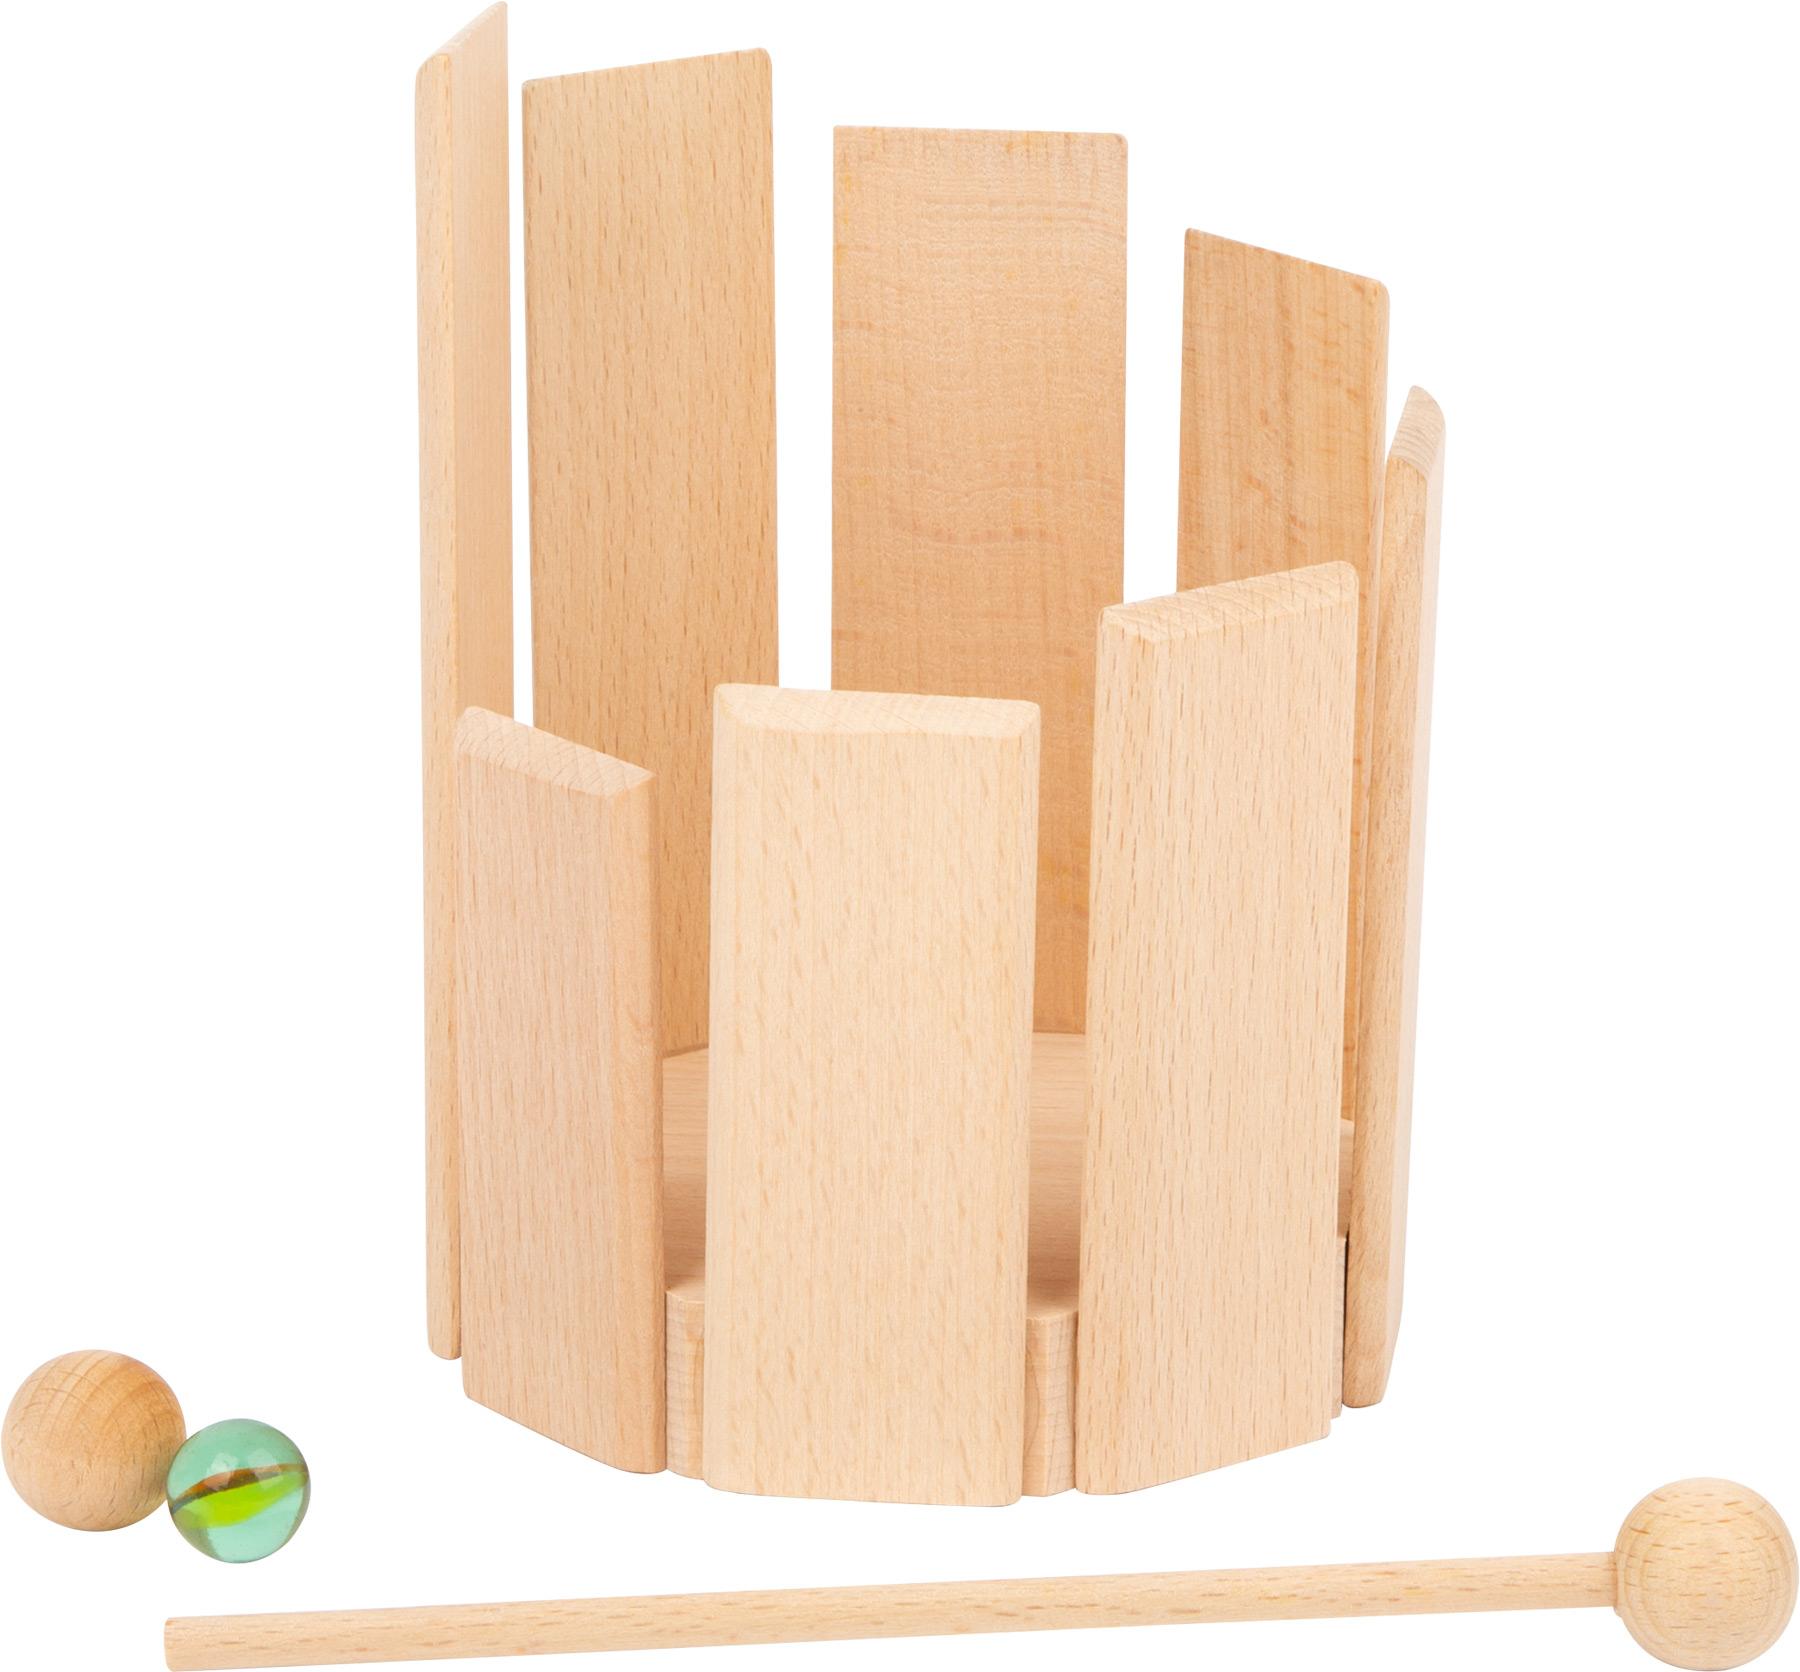 Tamburo etnico in legno